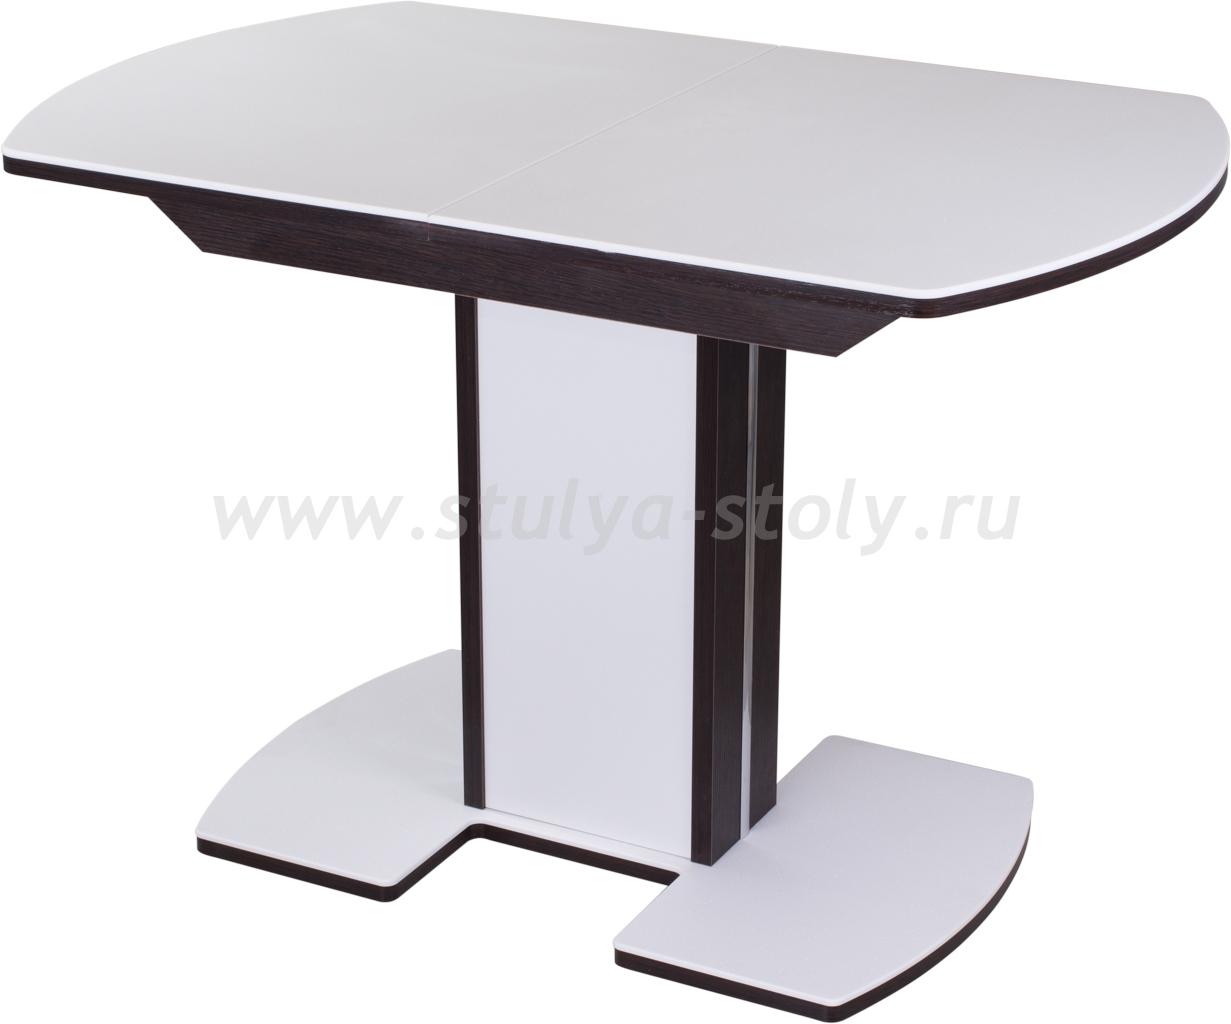 Стол обеденный Альфа ПО-1 КМ 04 (6) ВН 05-1 ЛДСП ВН/БЛ КМ 04 венге